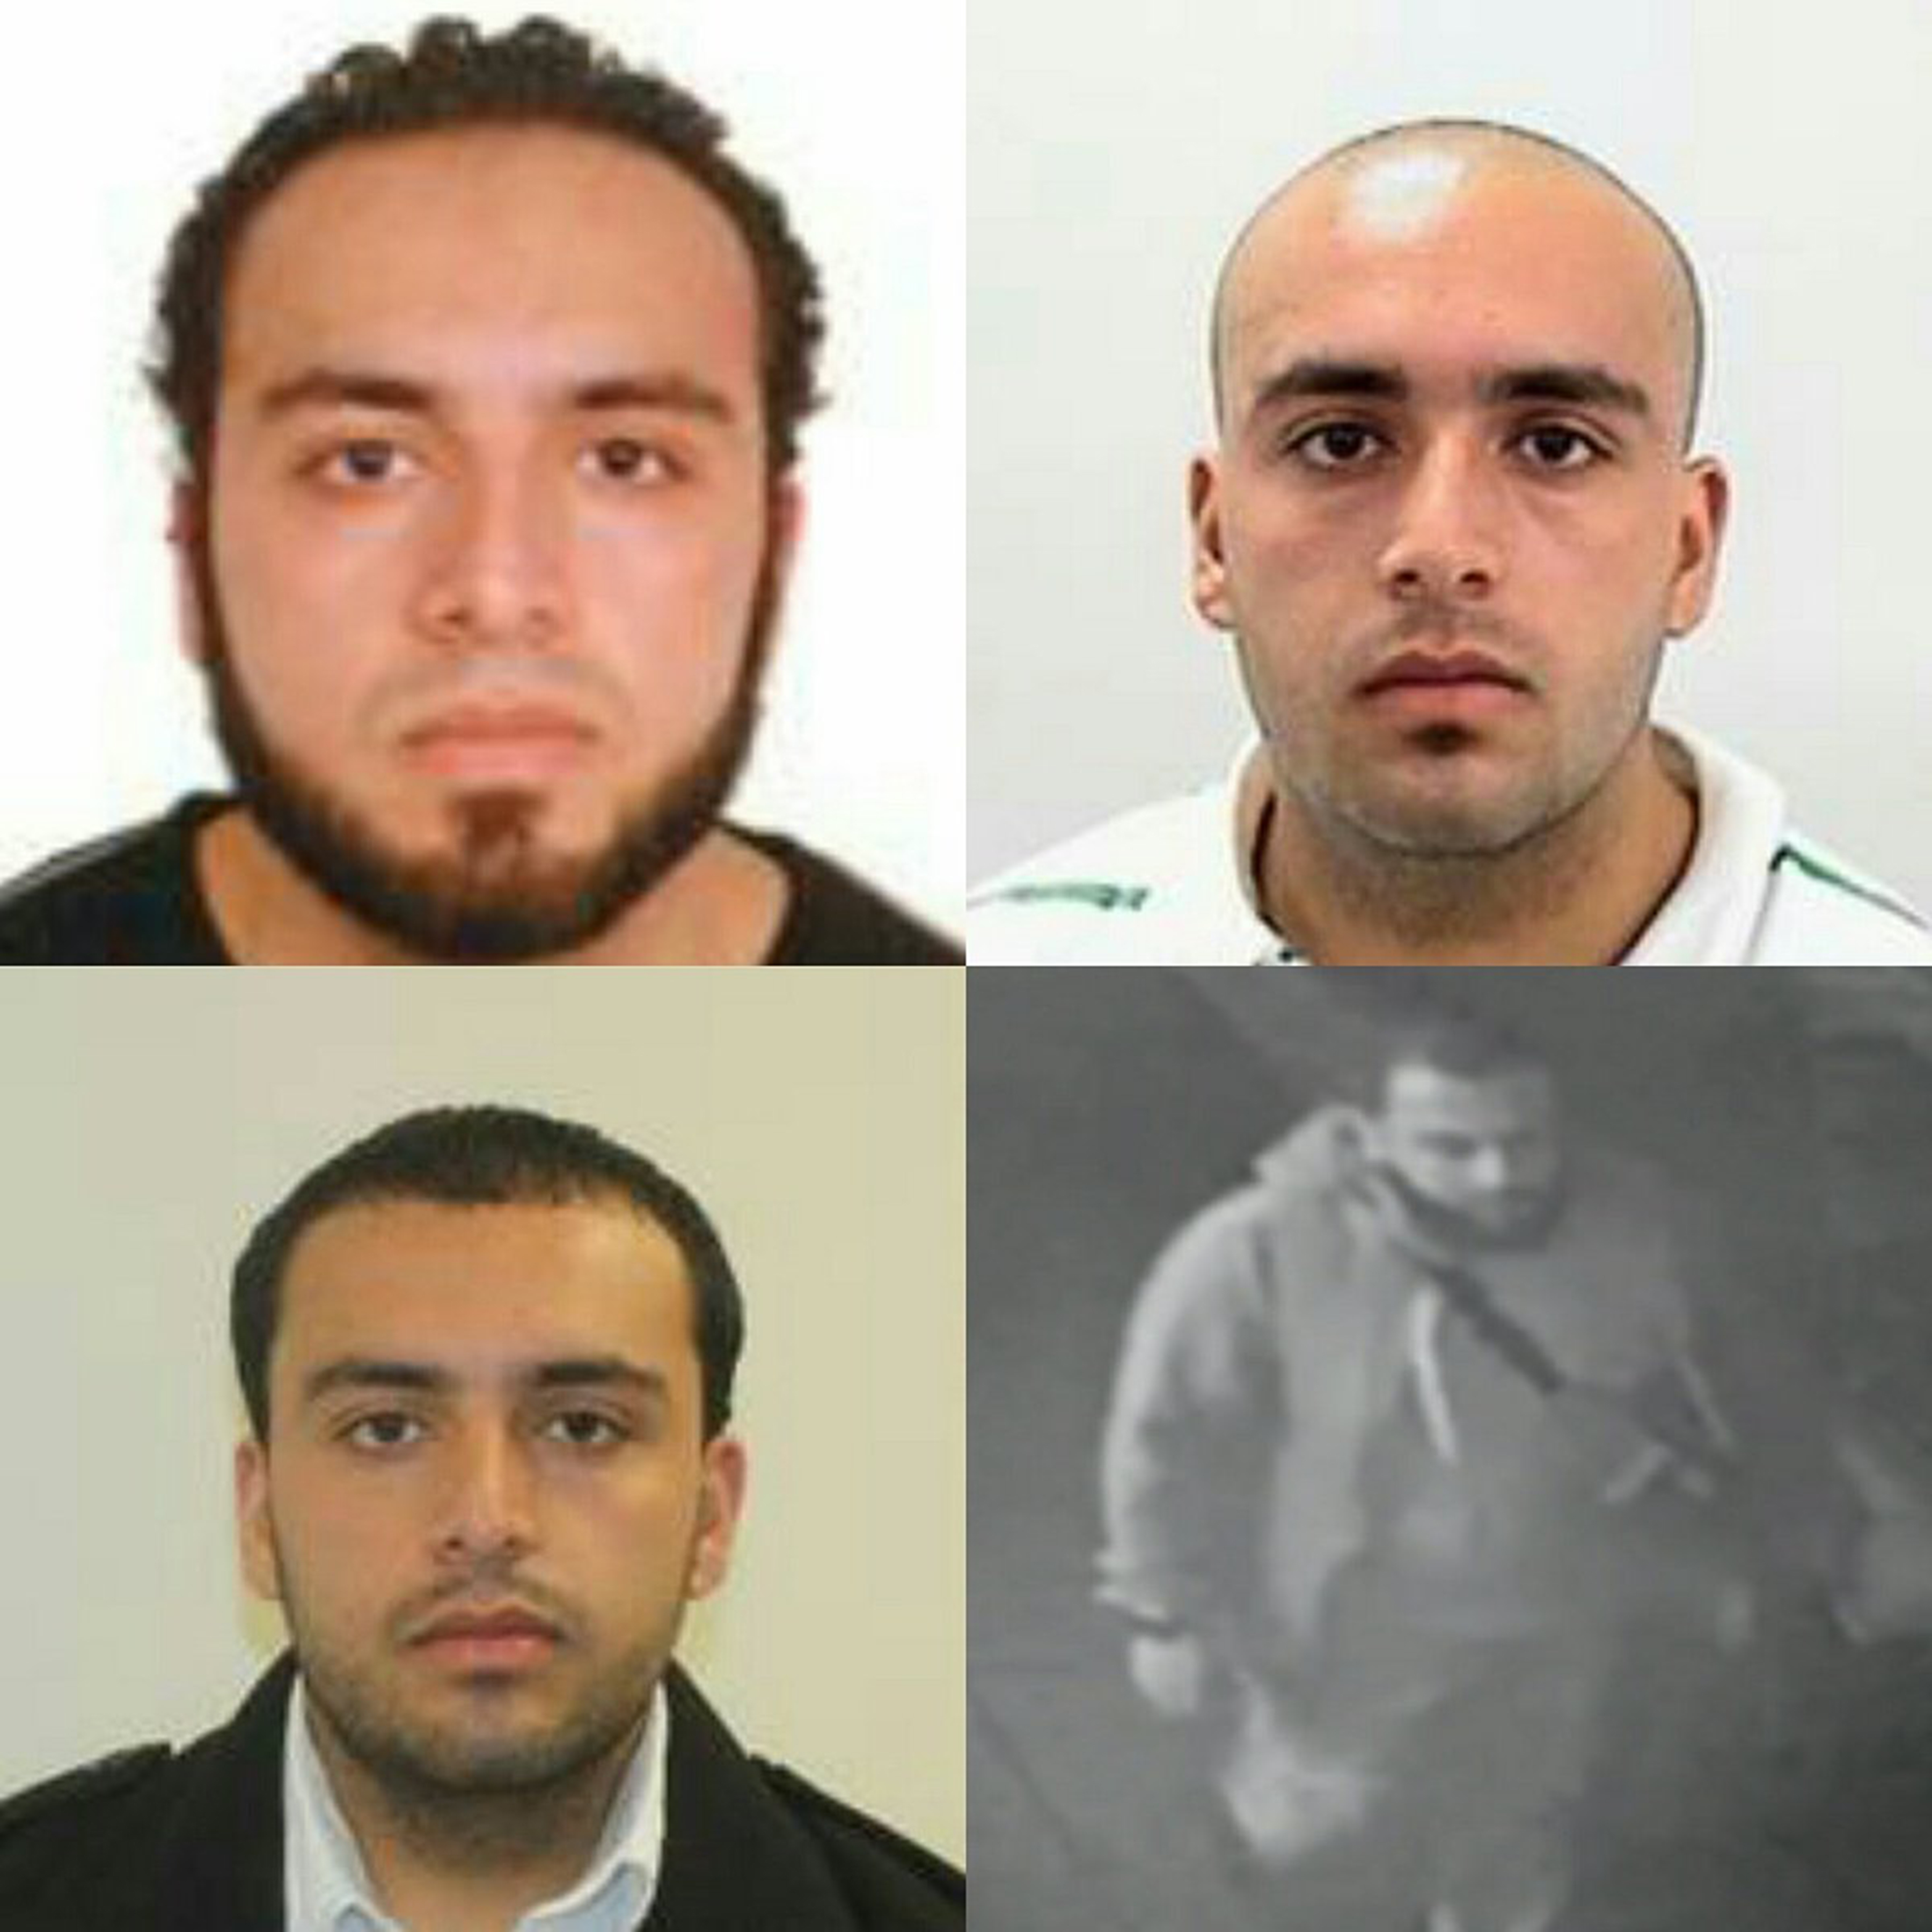 صورة للمشتبه فيه أحمد رحمي نشرها مكتب التحقيقات الفدرالي